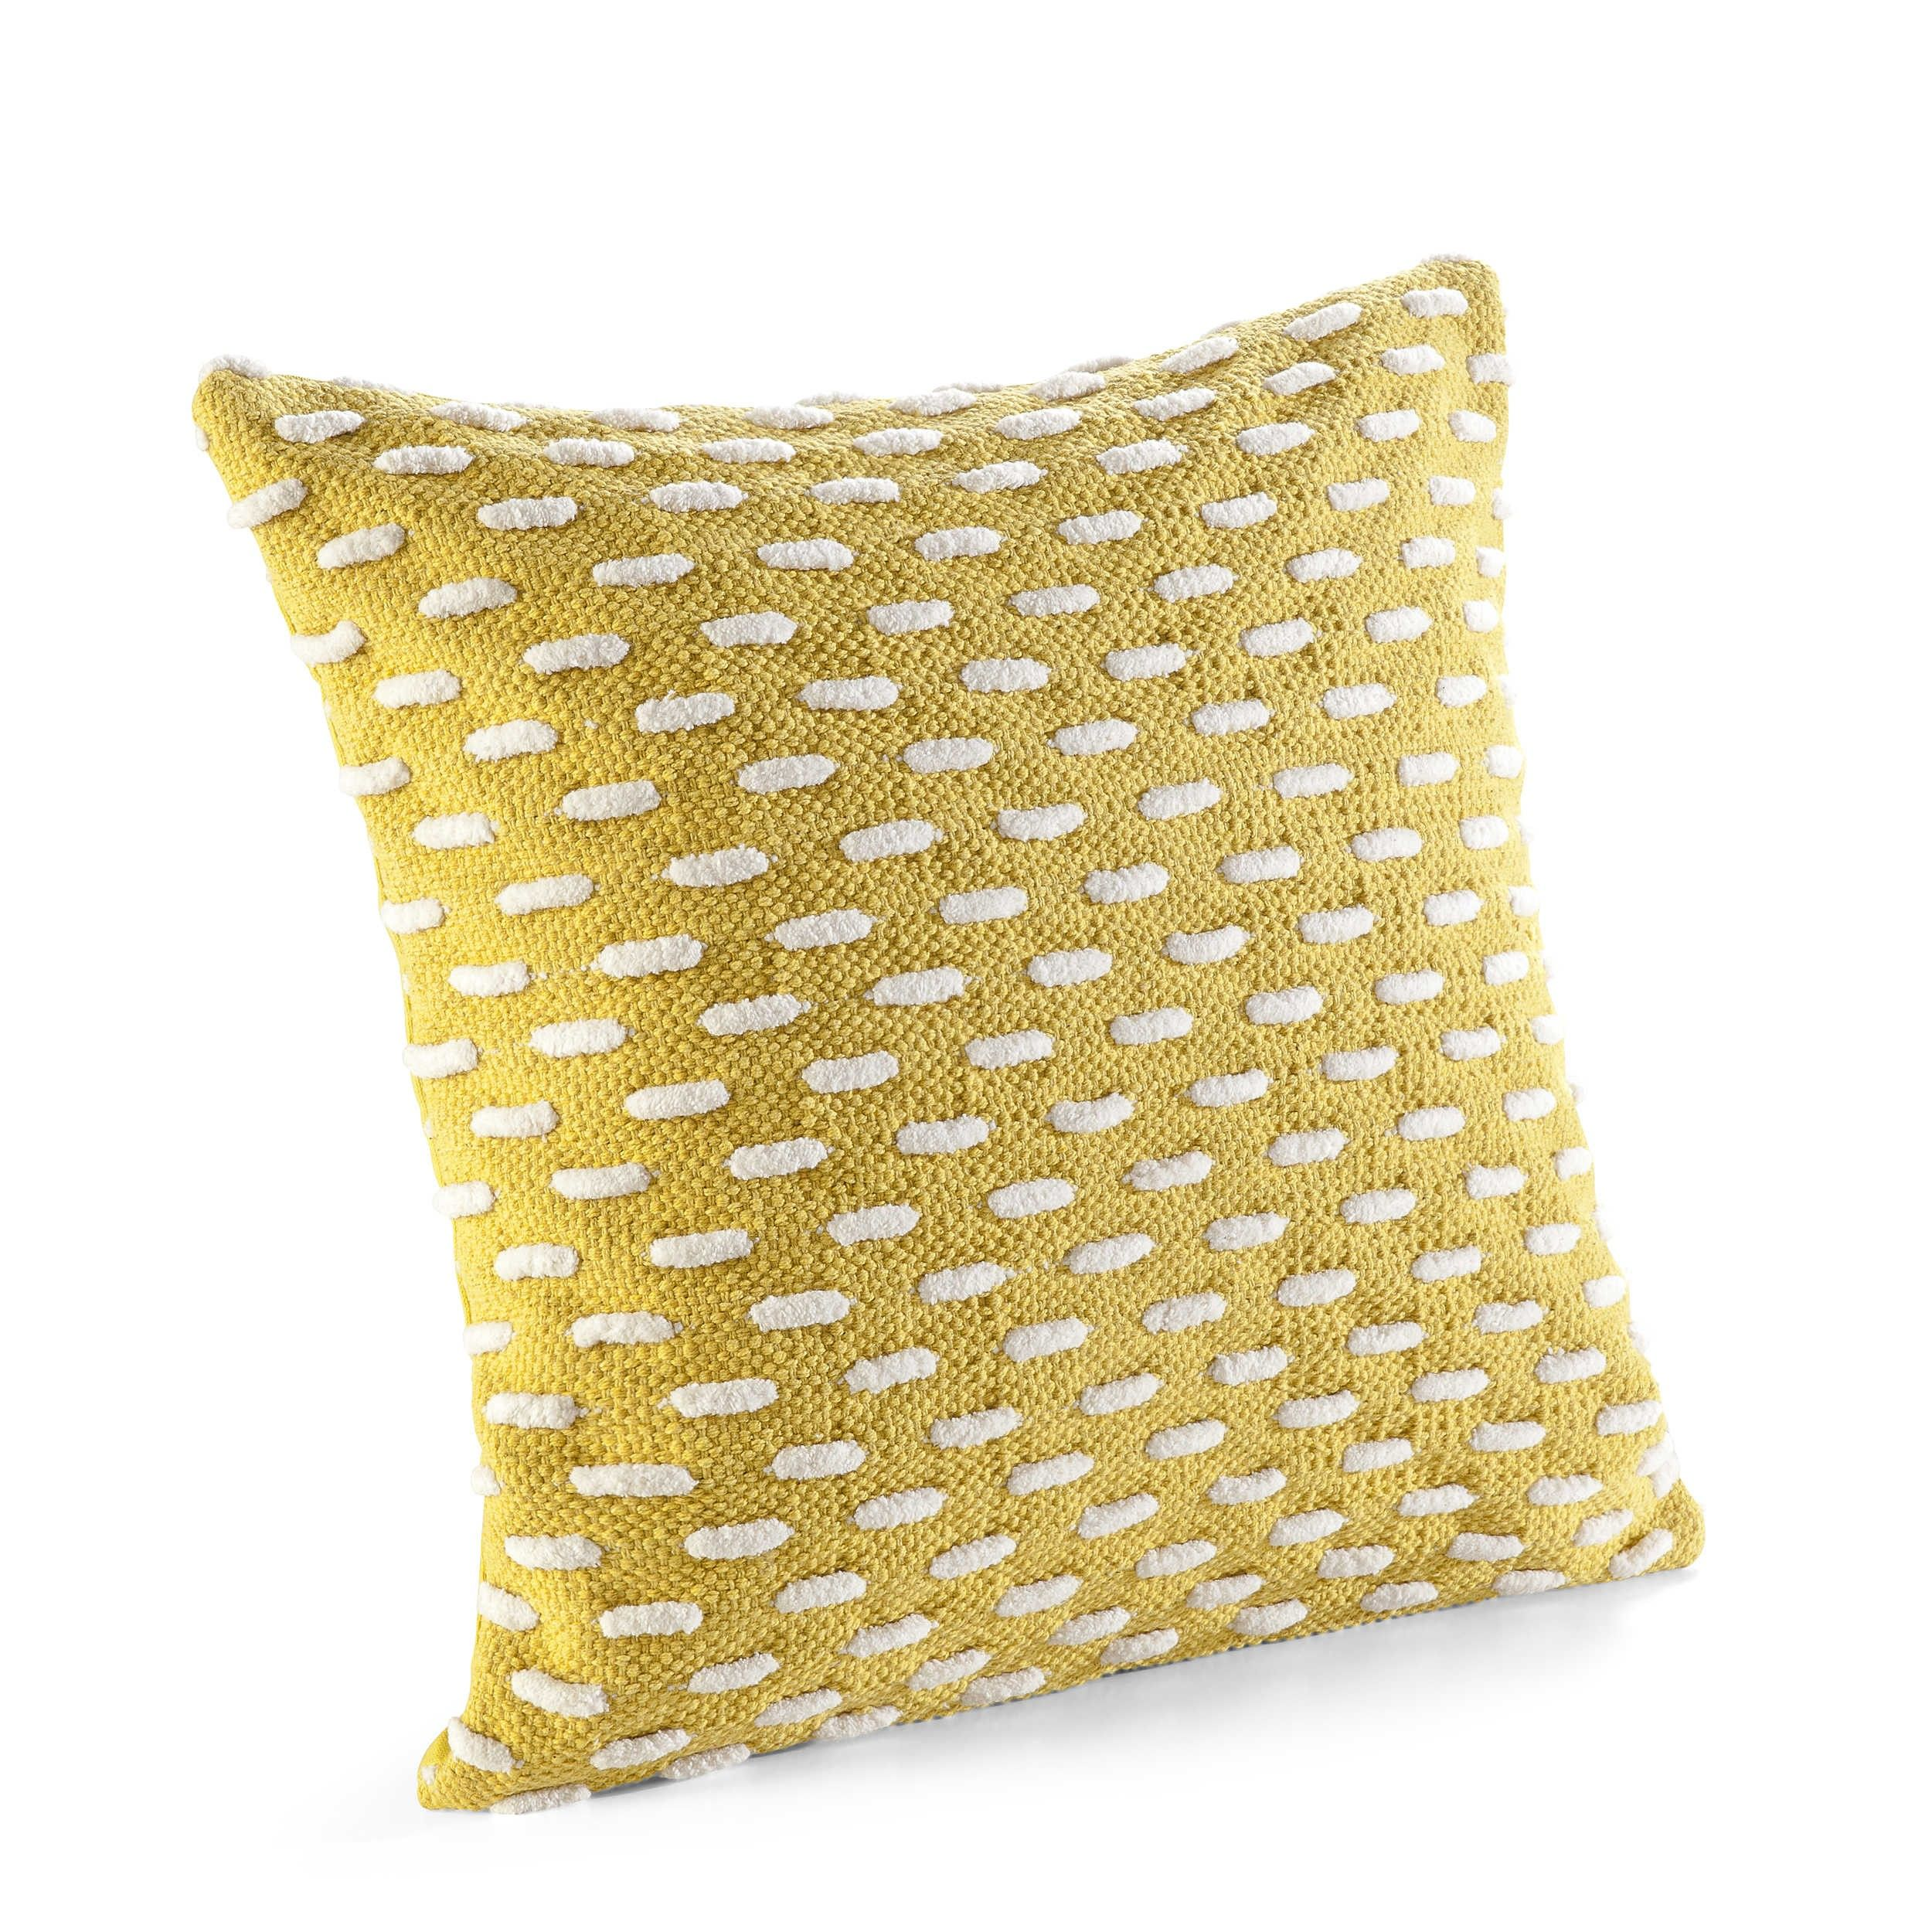 Kissenbezug Jerry 45 X 45 Cm Gelb Für 1690 Eur Kissen